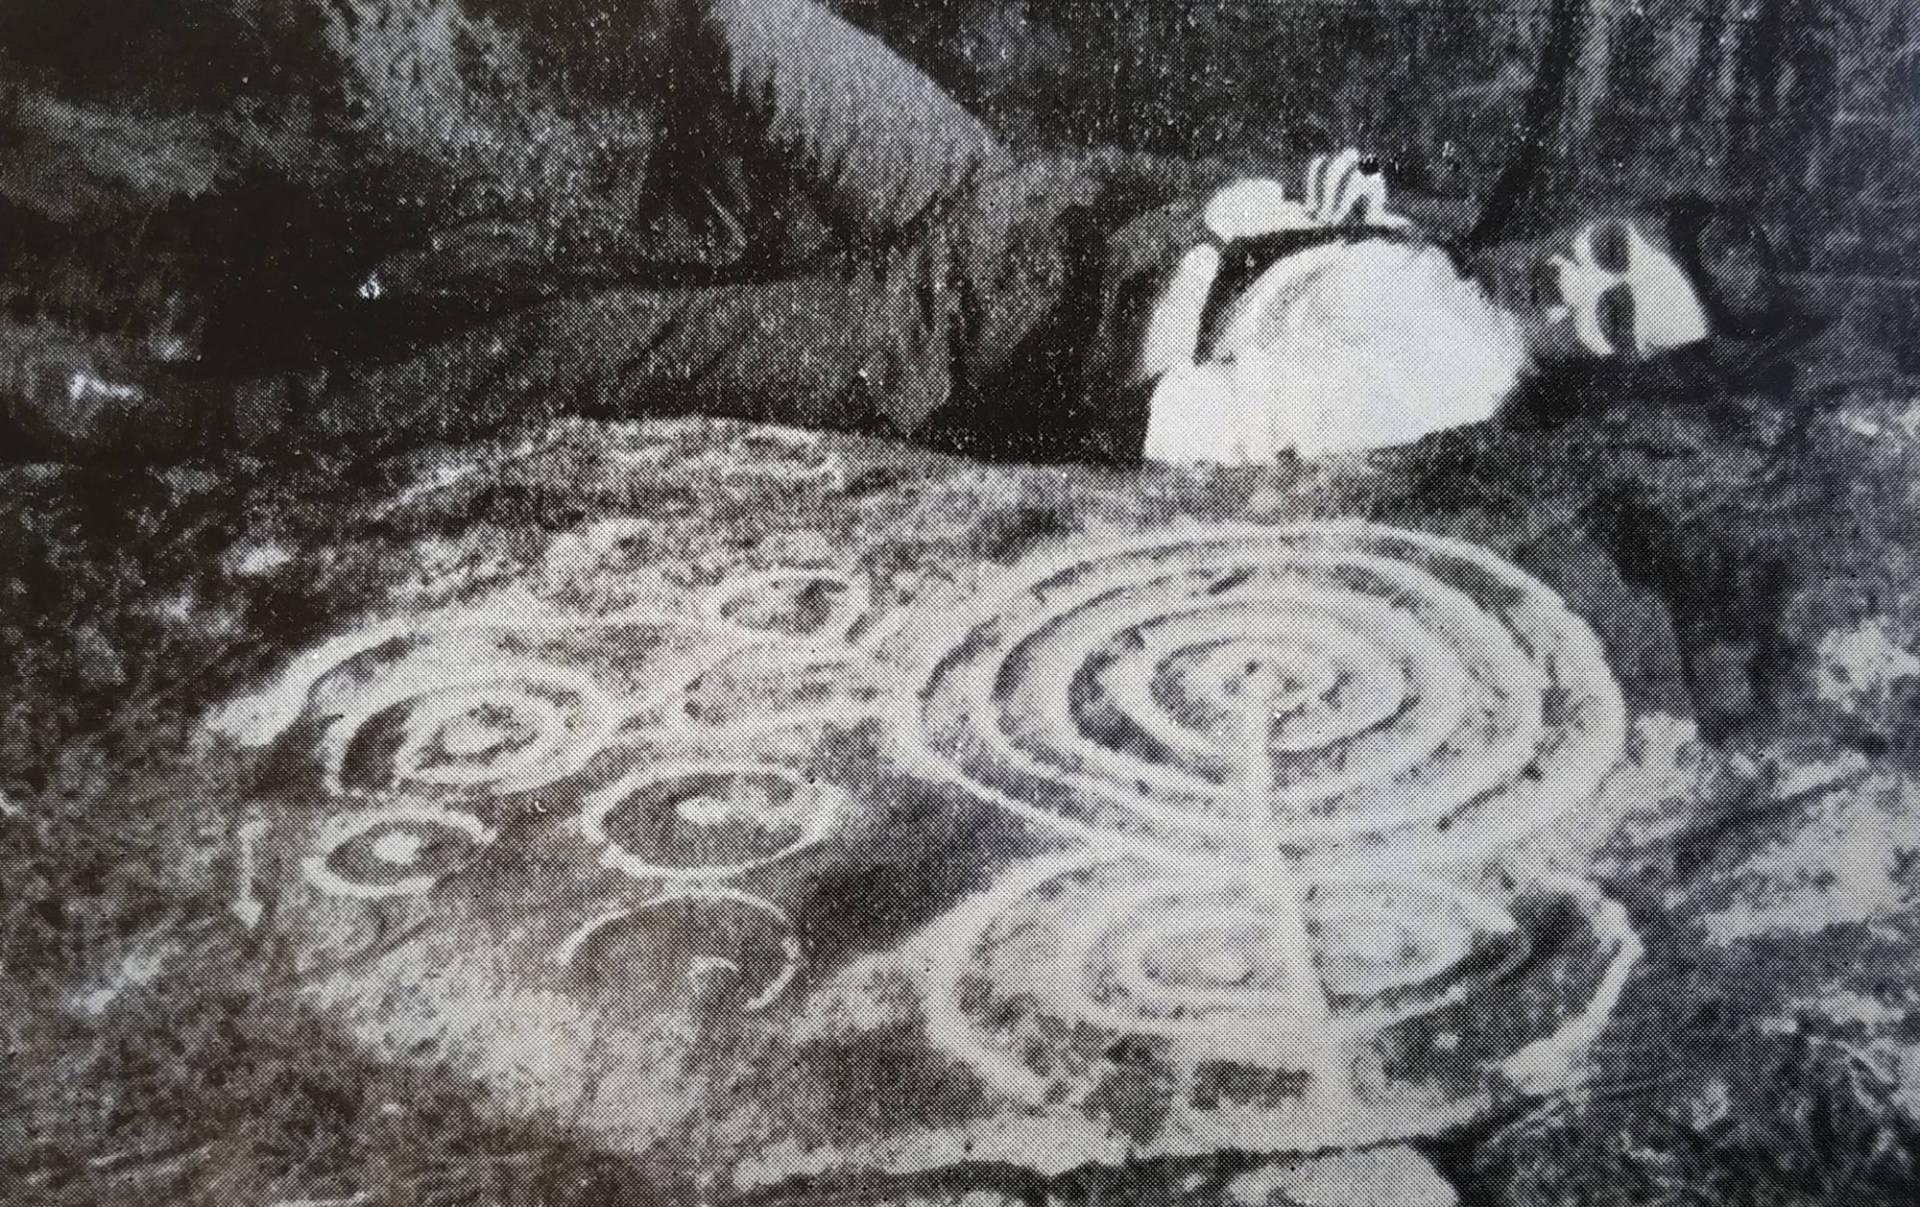 Acuña Castroviejo en Río Angueira 1 en 1969.